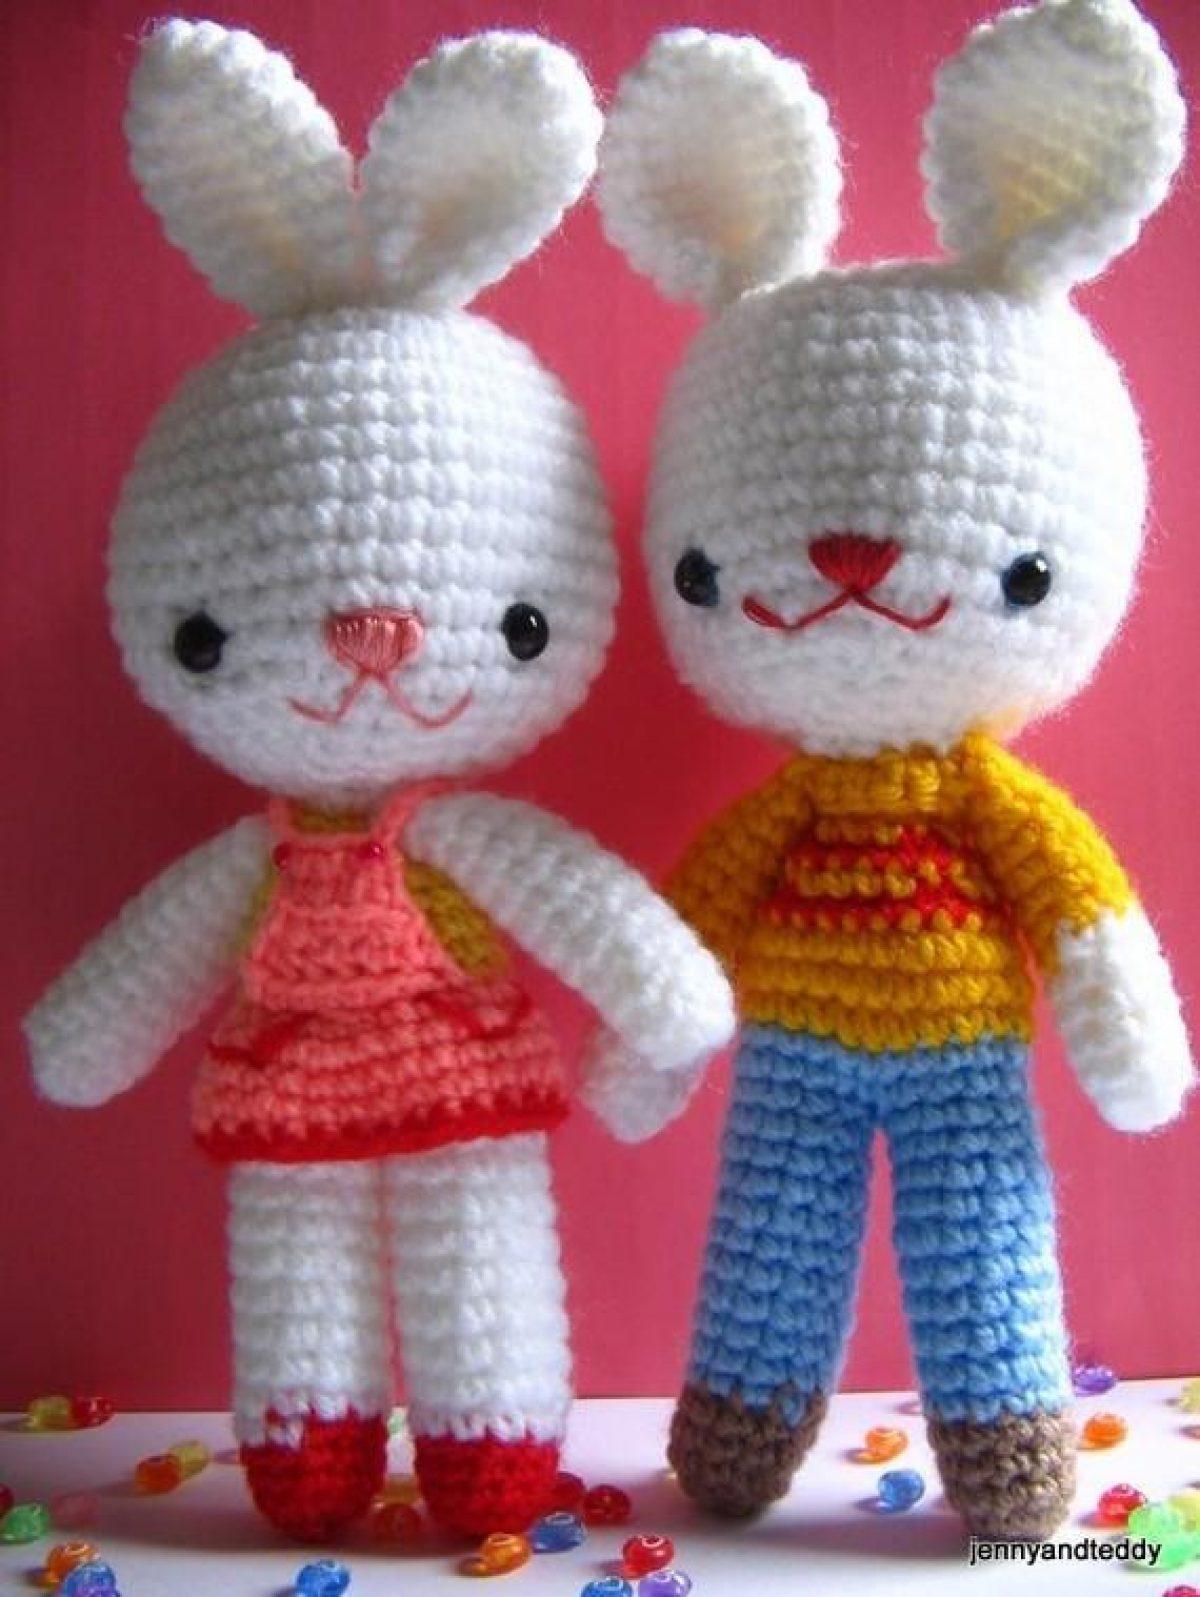 Amigurumi Örgü Kız Tavşan Yapımı / Kulak ve Birleştirme Yapılışı 3 ... | 1597x1200